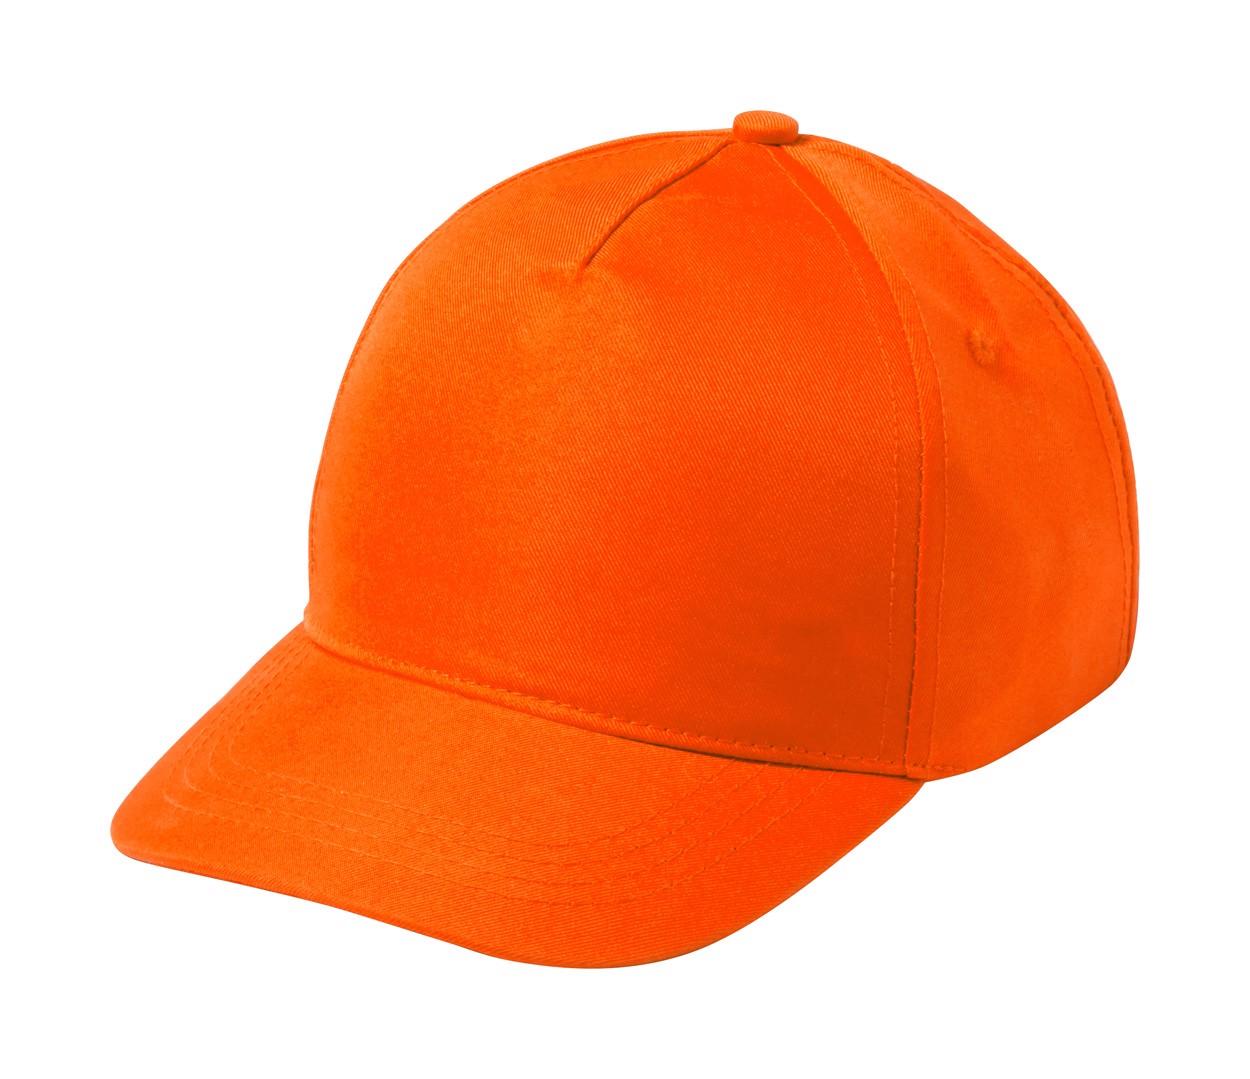 Baseballová Čepice Krox - Oranžová